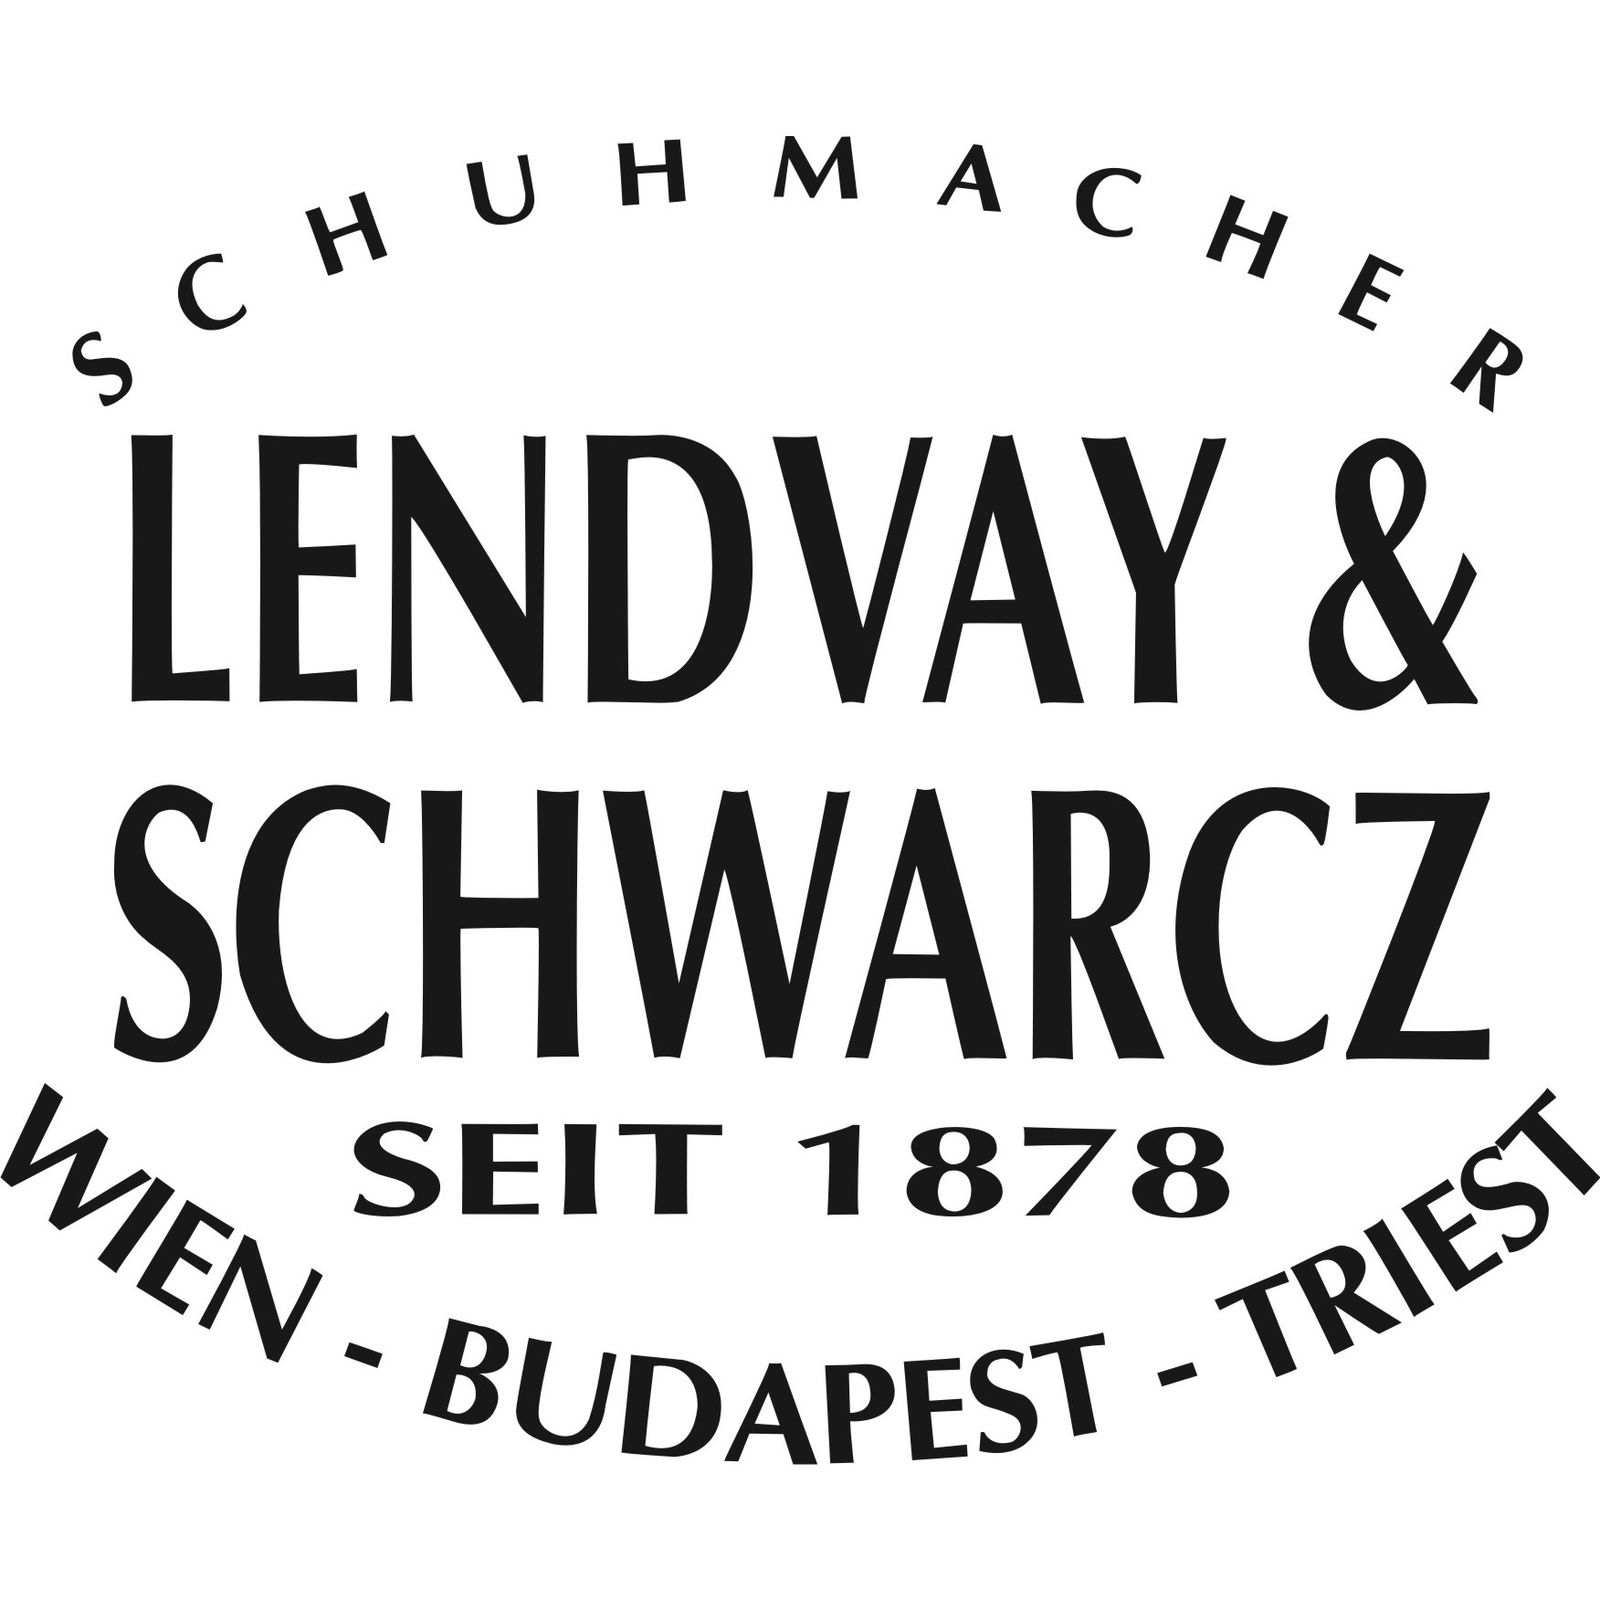 Lendvay&Schwarcz